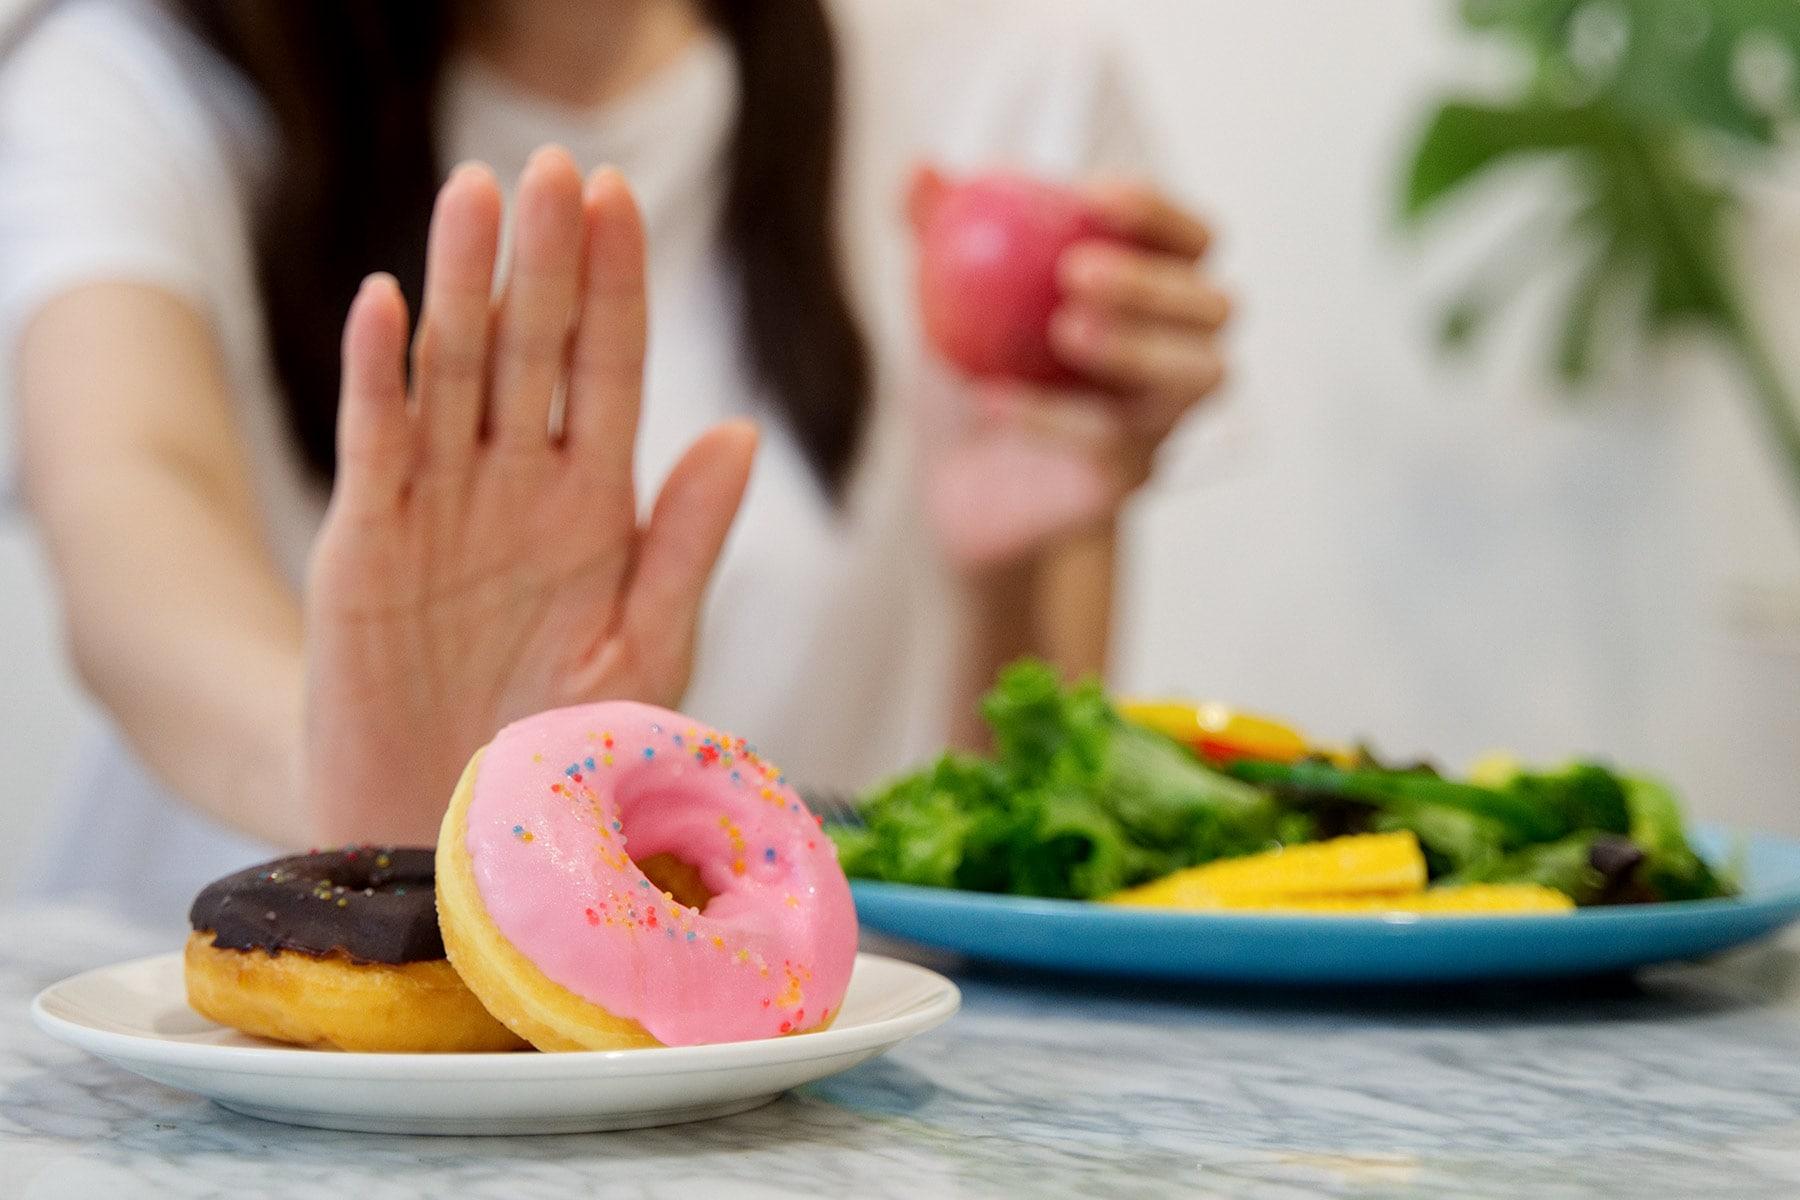 Diabetes: O que você precisa saber se conhece alguém com diabetes